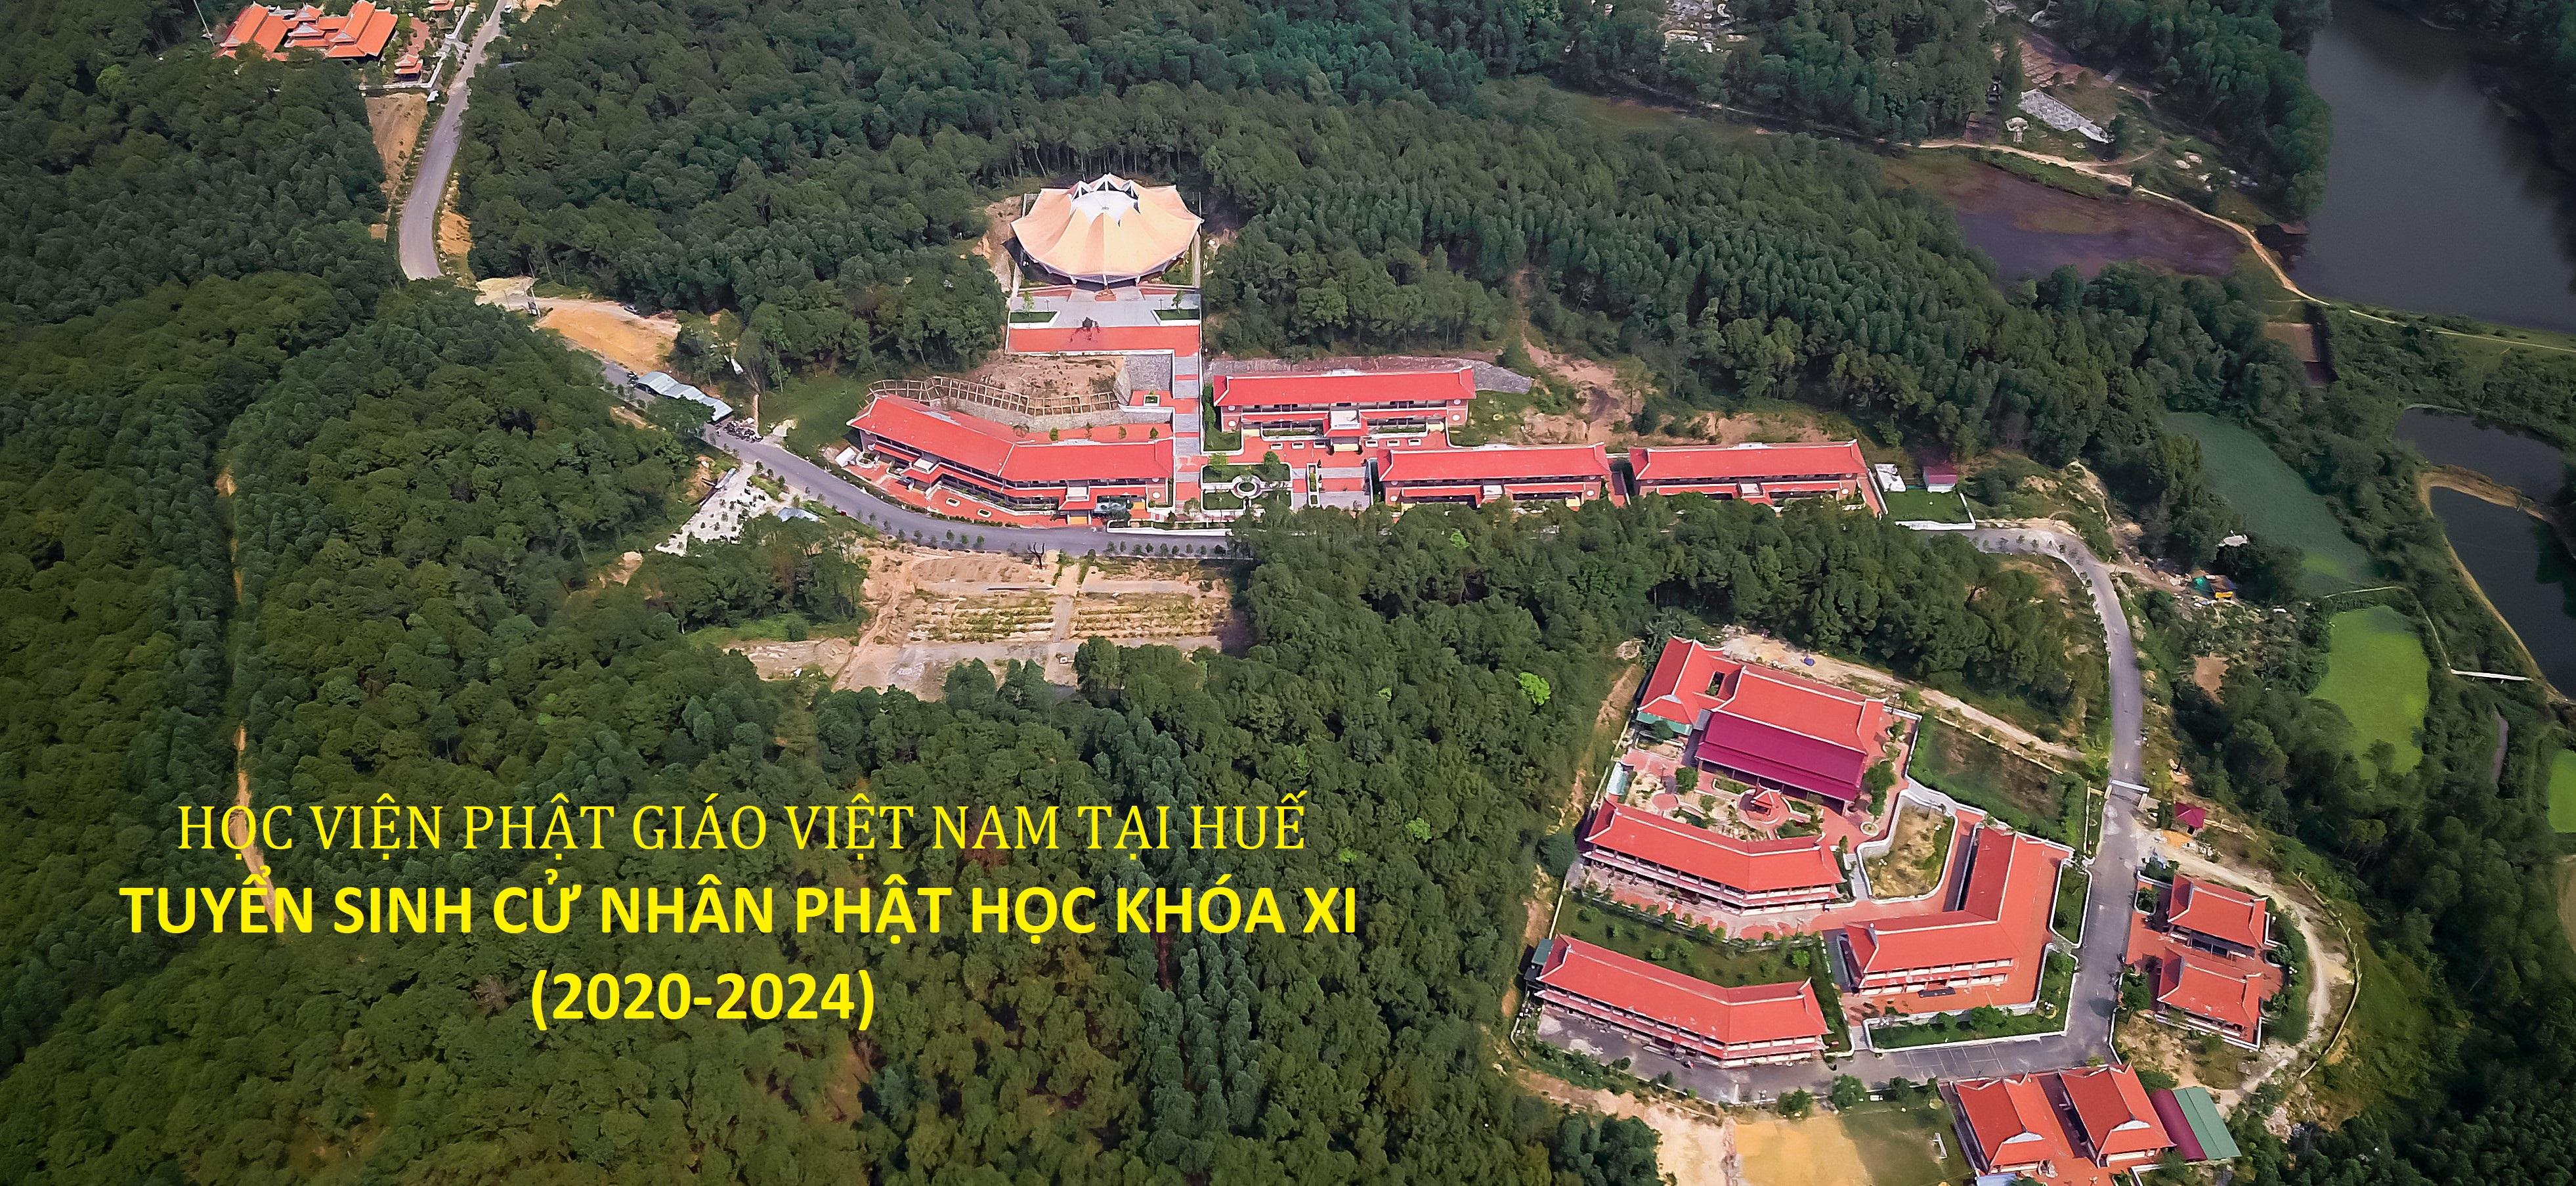 Học viện PGVN tại Huế thông báo tuyển sinh Cử nhân Phật học khóa XI